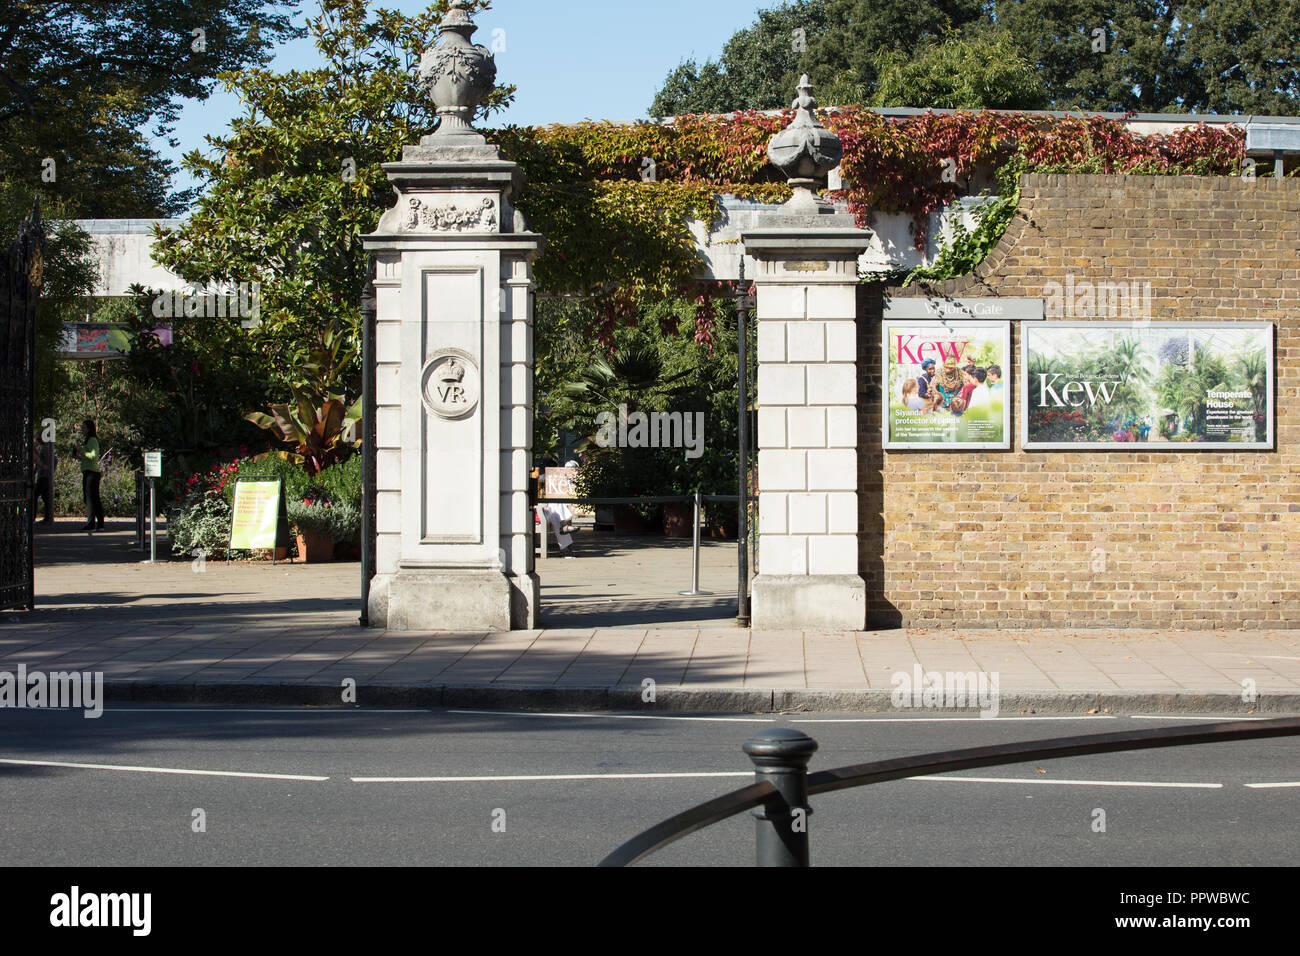 Royal Botanic Gardens in Kew, Richmond, London, UK, historischen Victoria Gate aus dem Jahr 1889 in der Nähe von Kew U-Bahnstation, Sommer Pflanzen in Töpfen angezeigt. Stockfoto